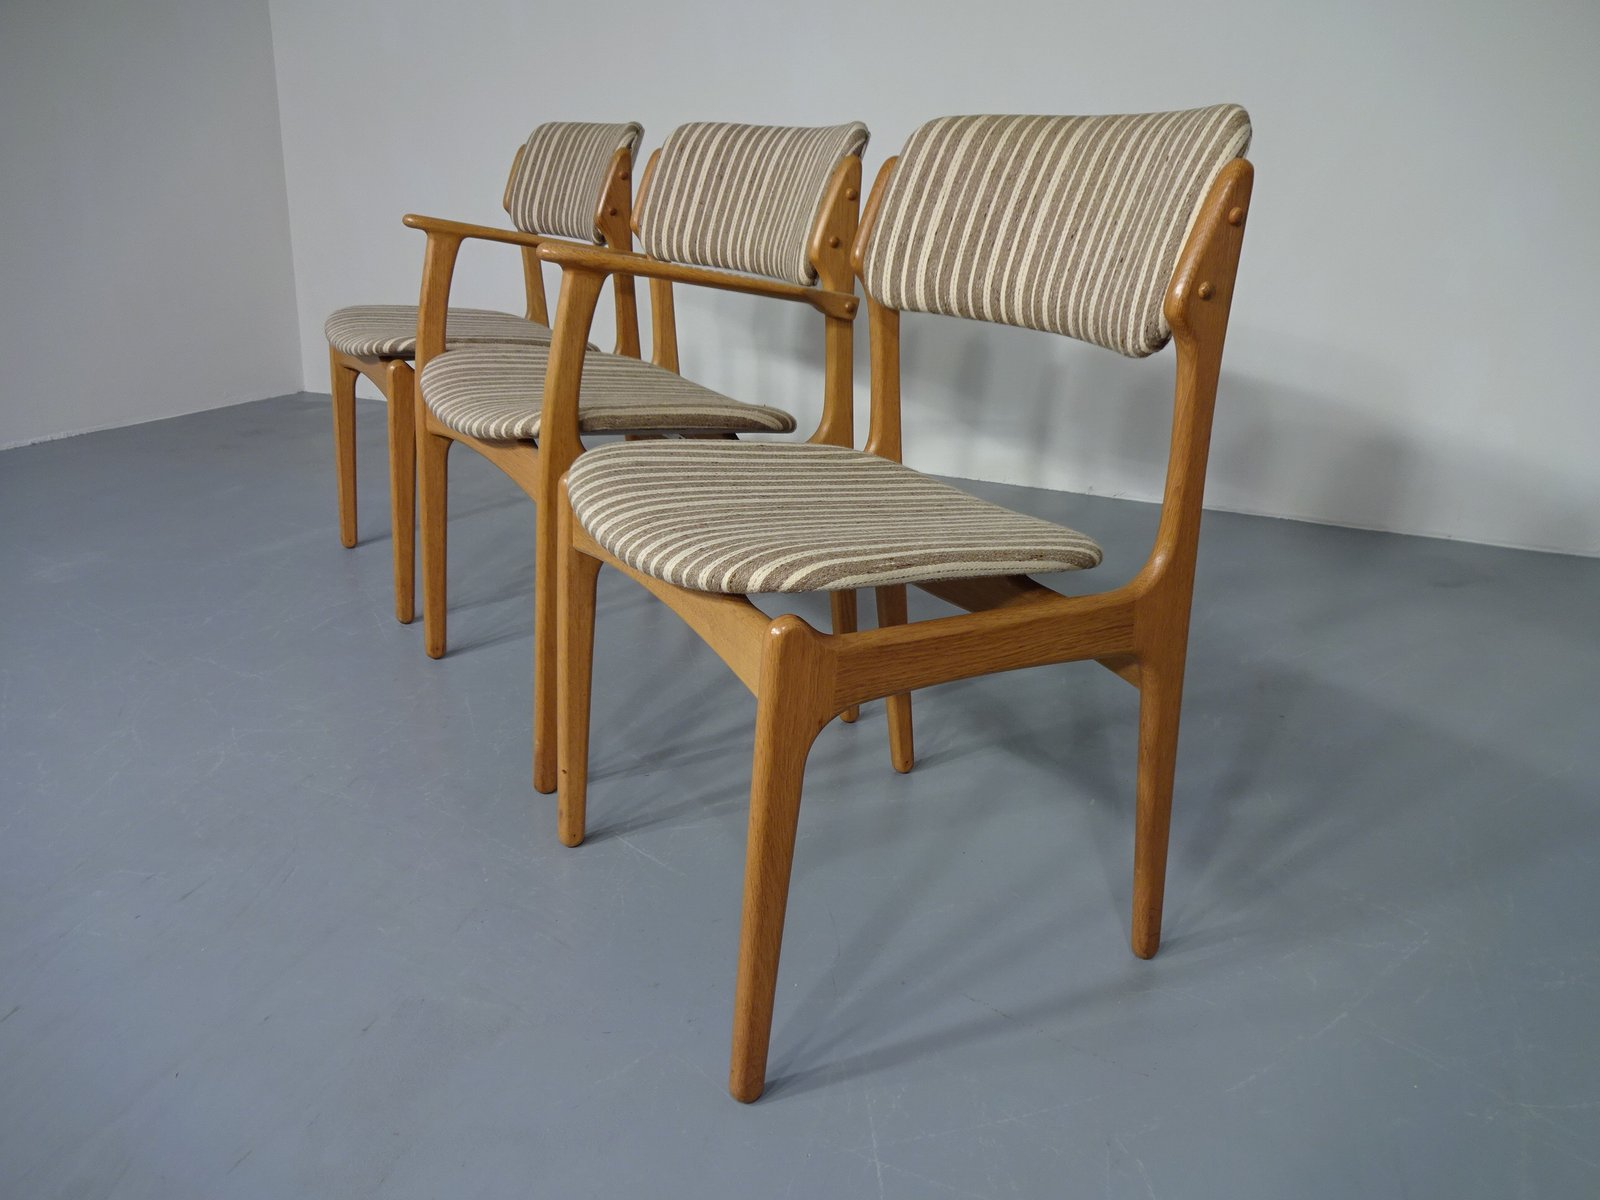 d nischer st hle aus eichenholz von erik buch f r od m bler 3er set bei pamono kaufen. Black Bedroom Furniture Sets. Home Design Ideas